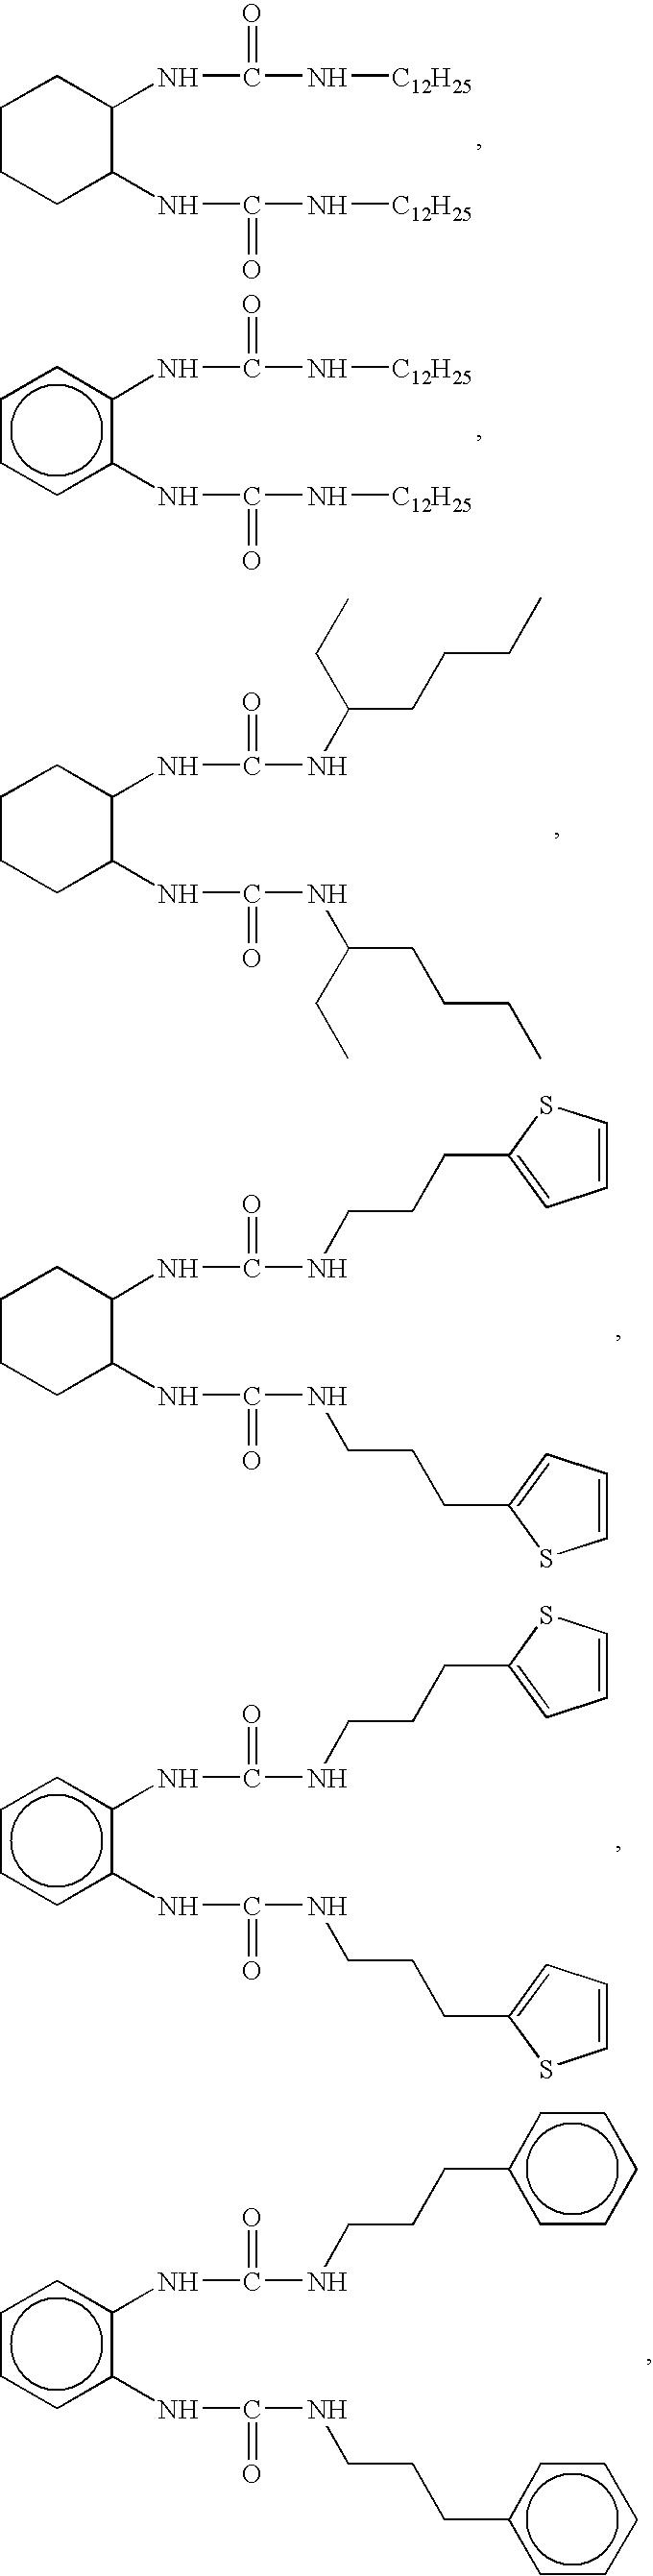 Figure US20040065227A1-20040408-C00127